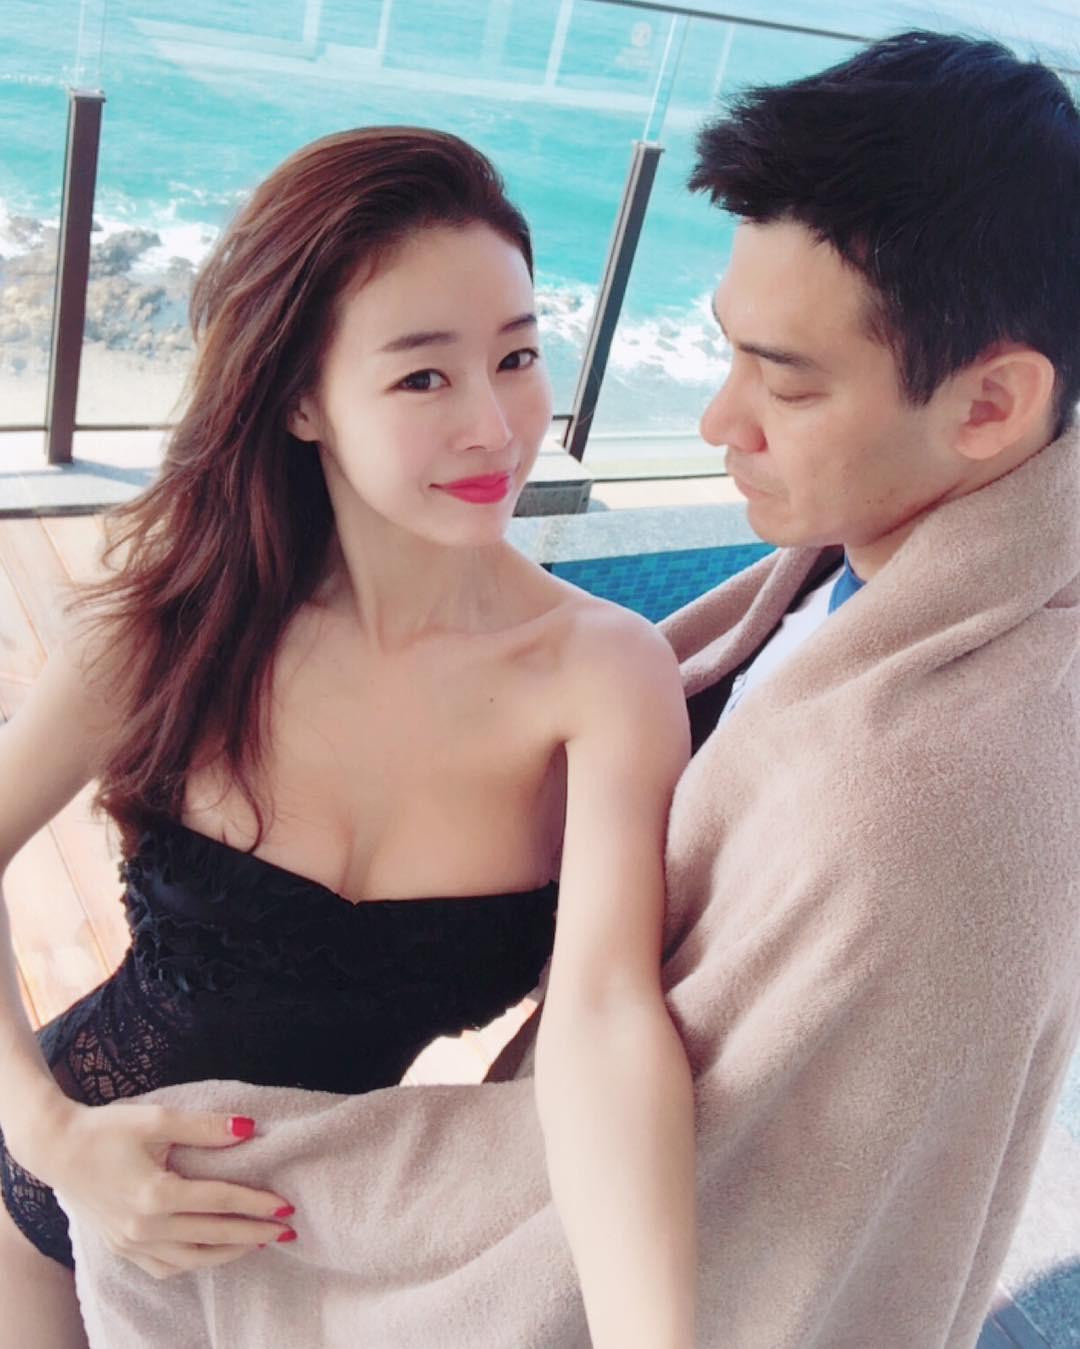 Nhan sắc trẻ trung không đùa được của bà mẹ 43 tuổi xứ Hàn khiến nhiều người tưởng mới đôi mươi - Ảnh 2.